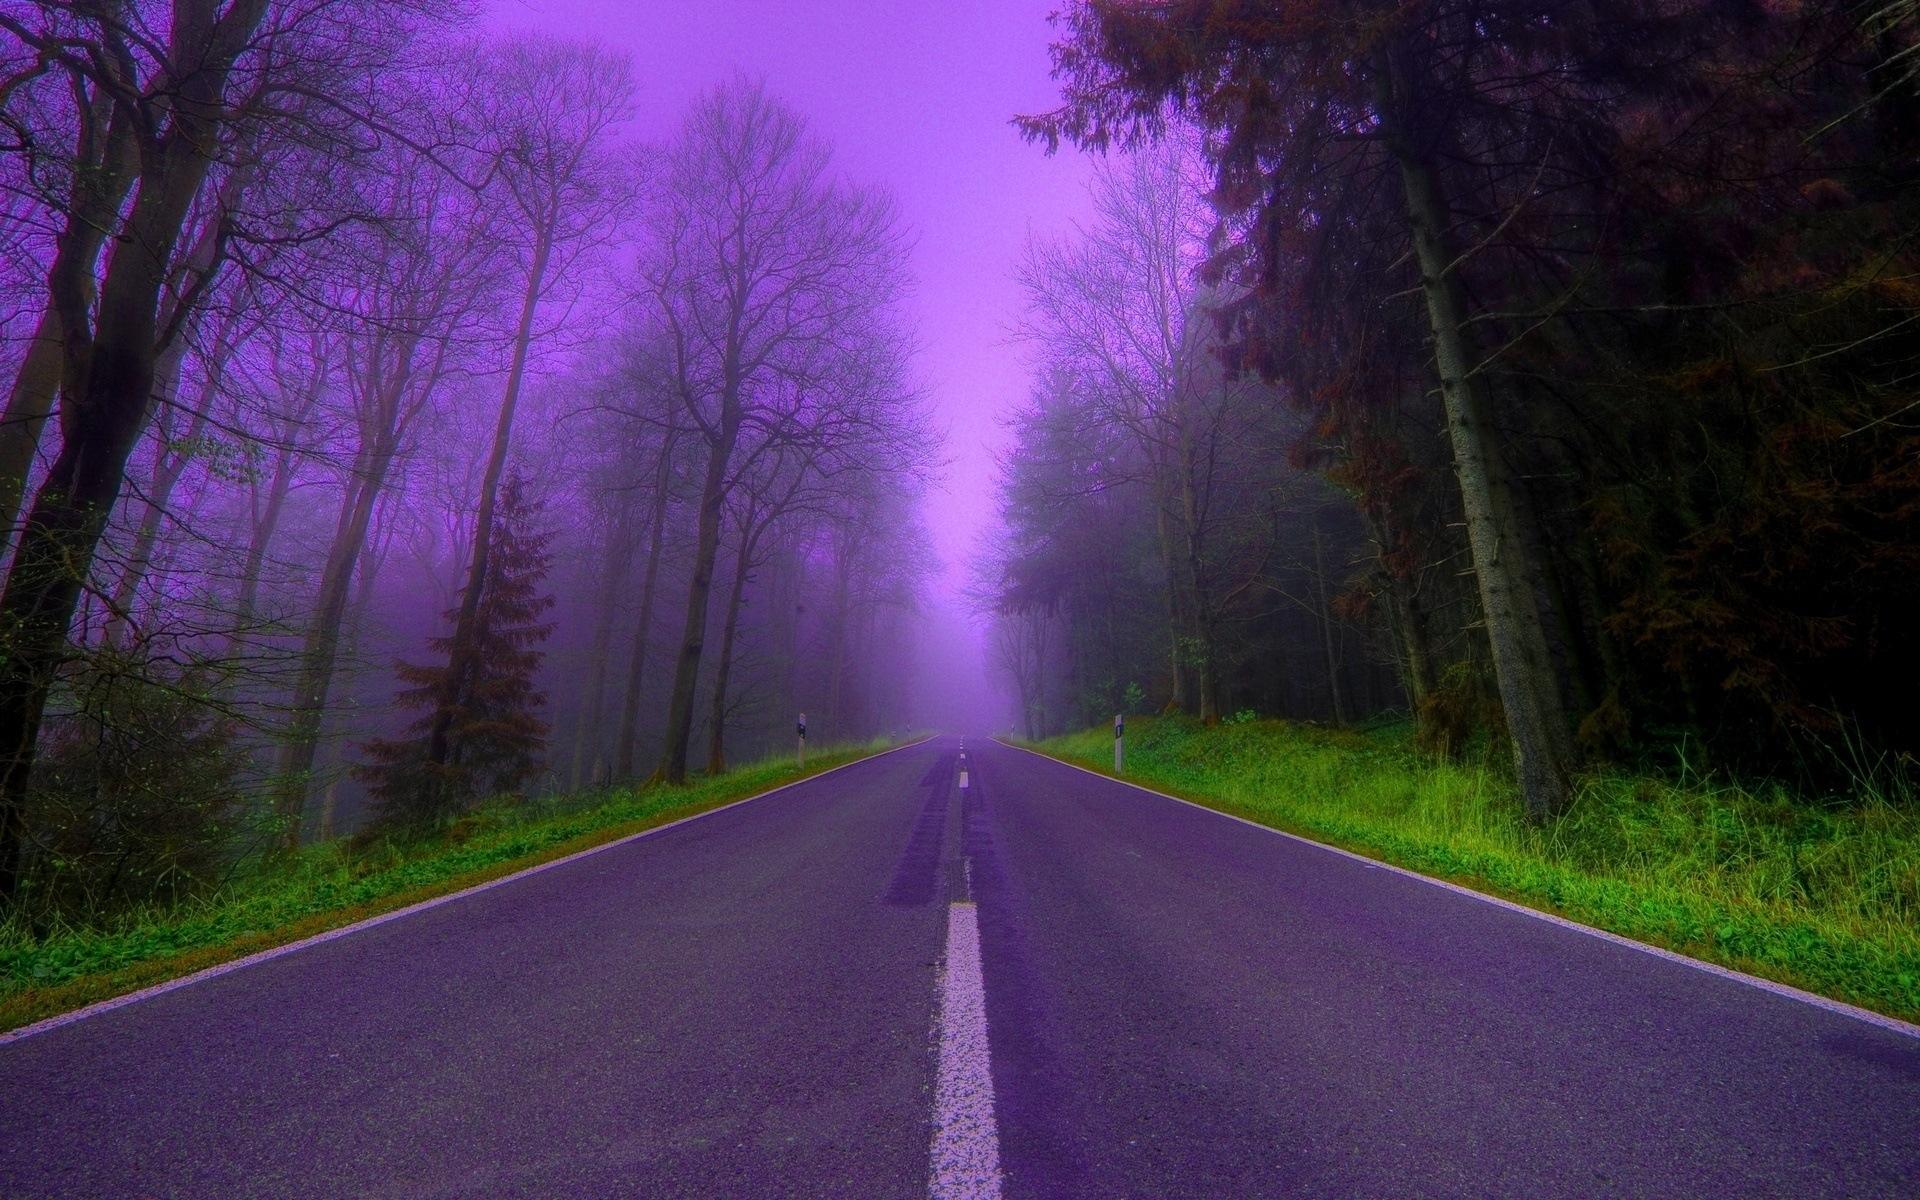 44273 скачать Фиолетовые обои на телефон бесплатно, Пейзаж, Дороги Фиолетовые картинки и заставки на мобильный